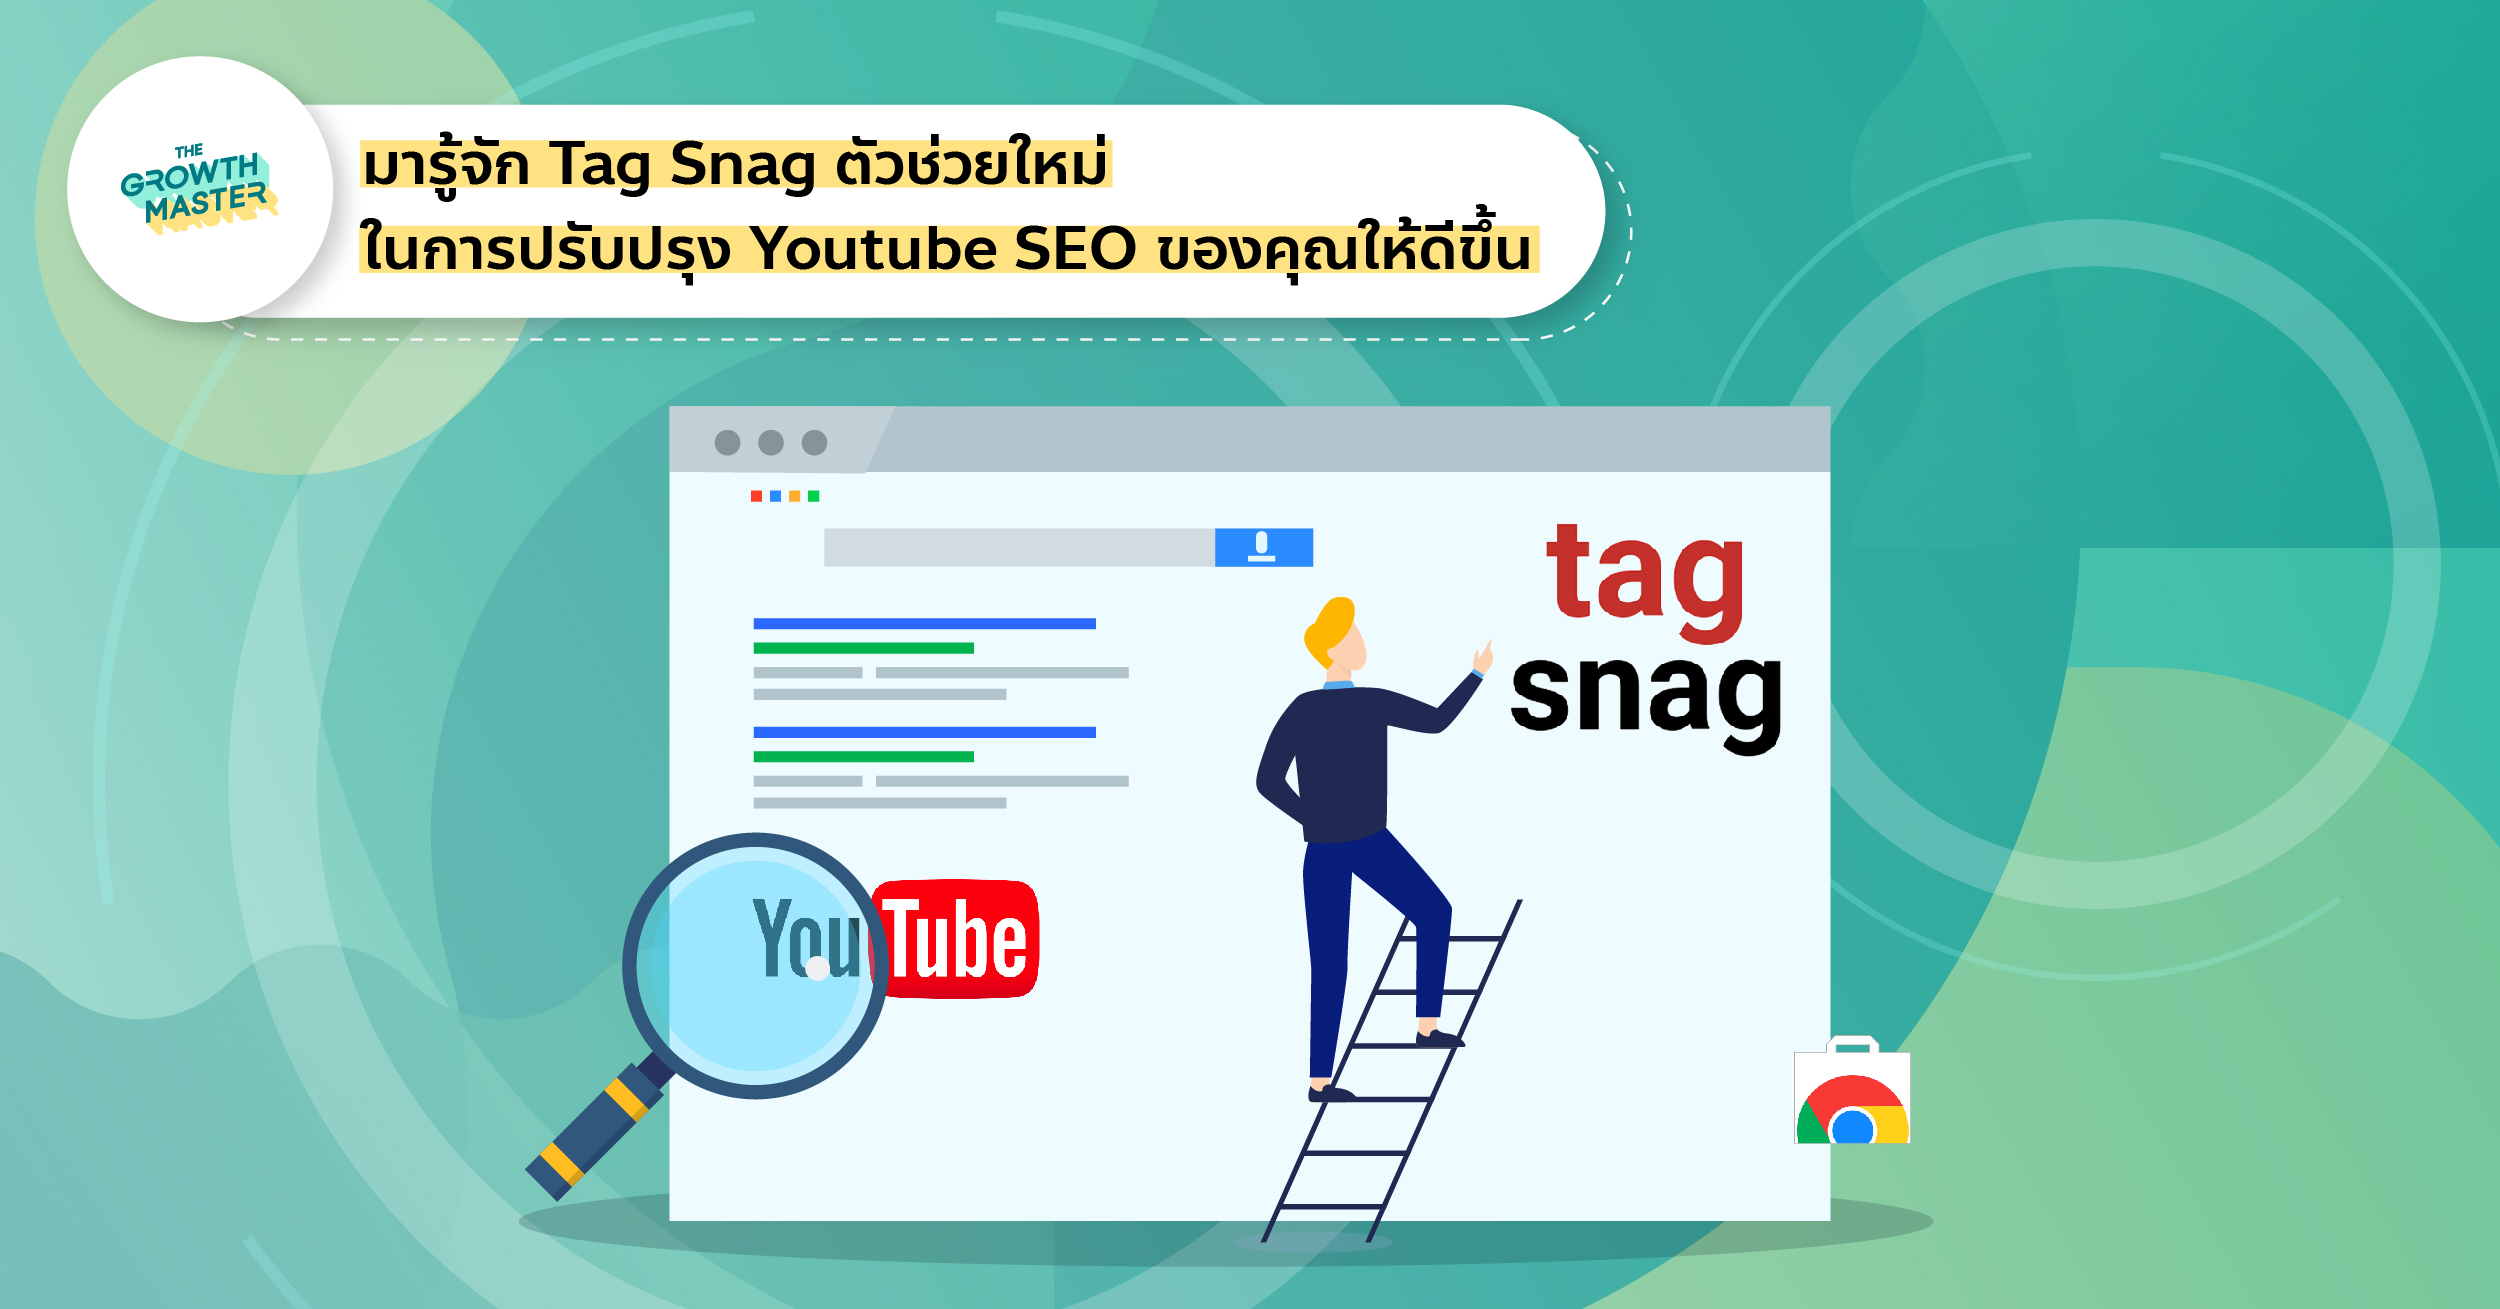 มารู้จัก Tag Snag ตัวช่วยใหม่ในการปรับปรุง Youtube SEO ของคุณให้ดีขึ้น